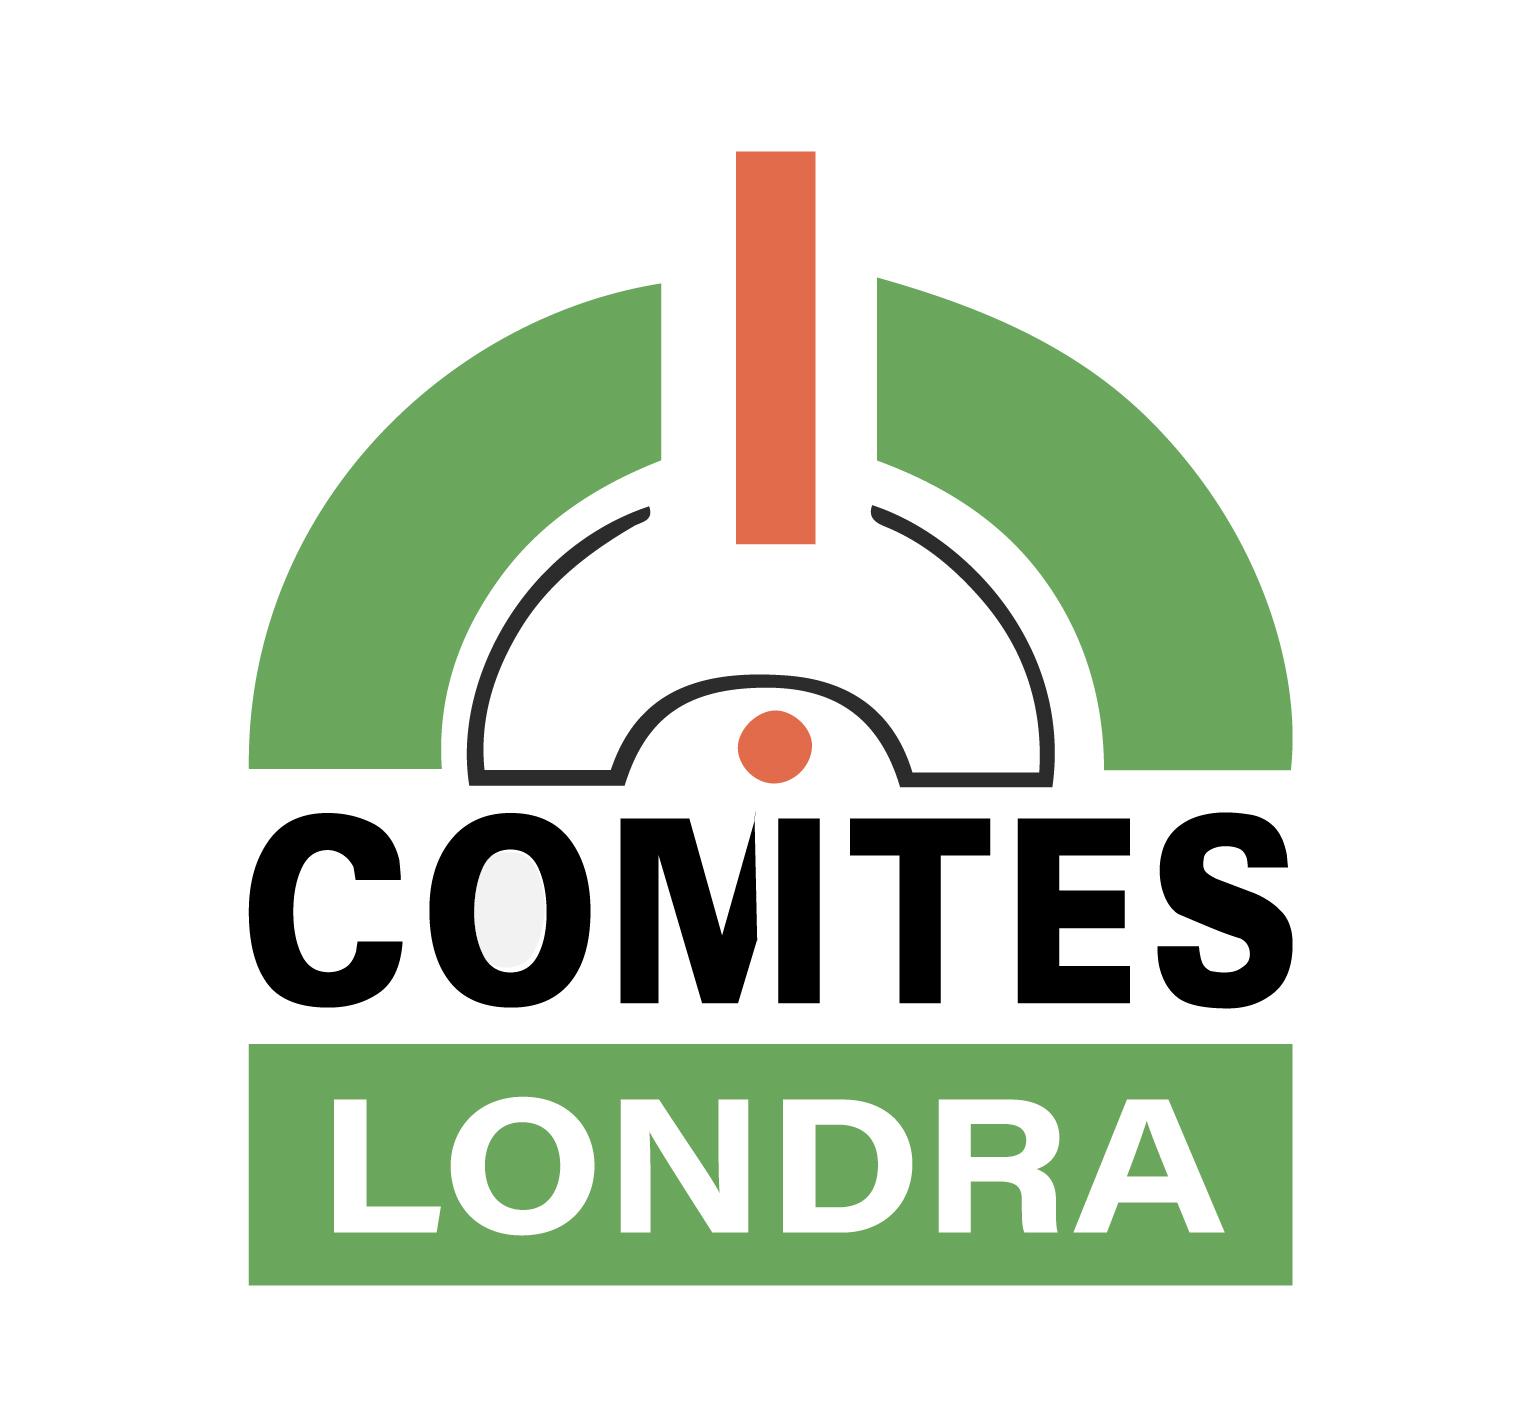 Comites Londra